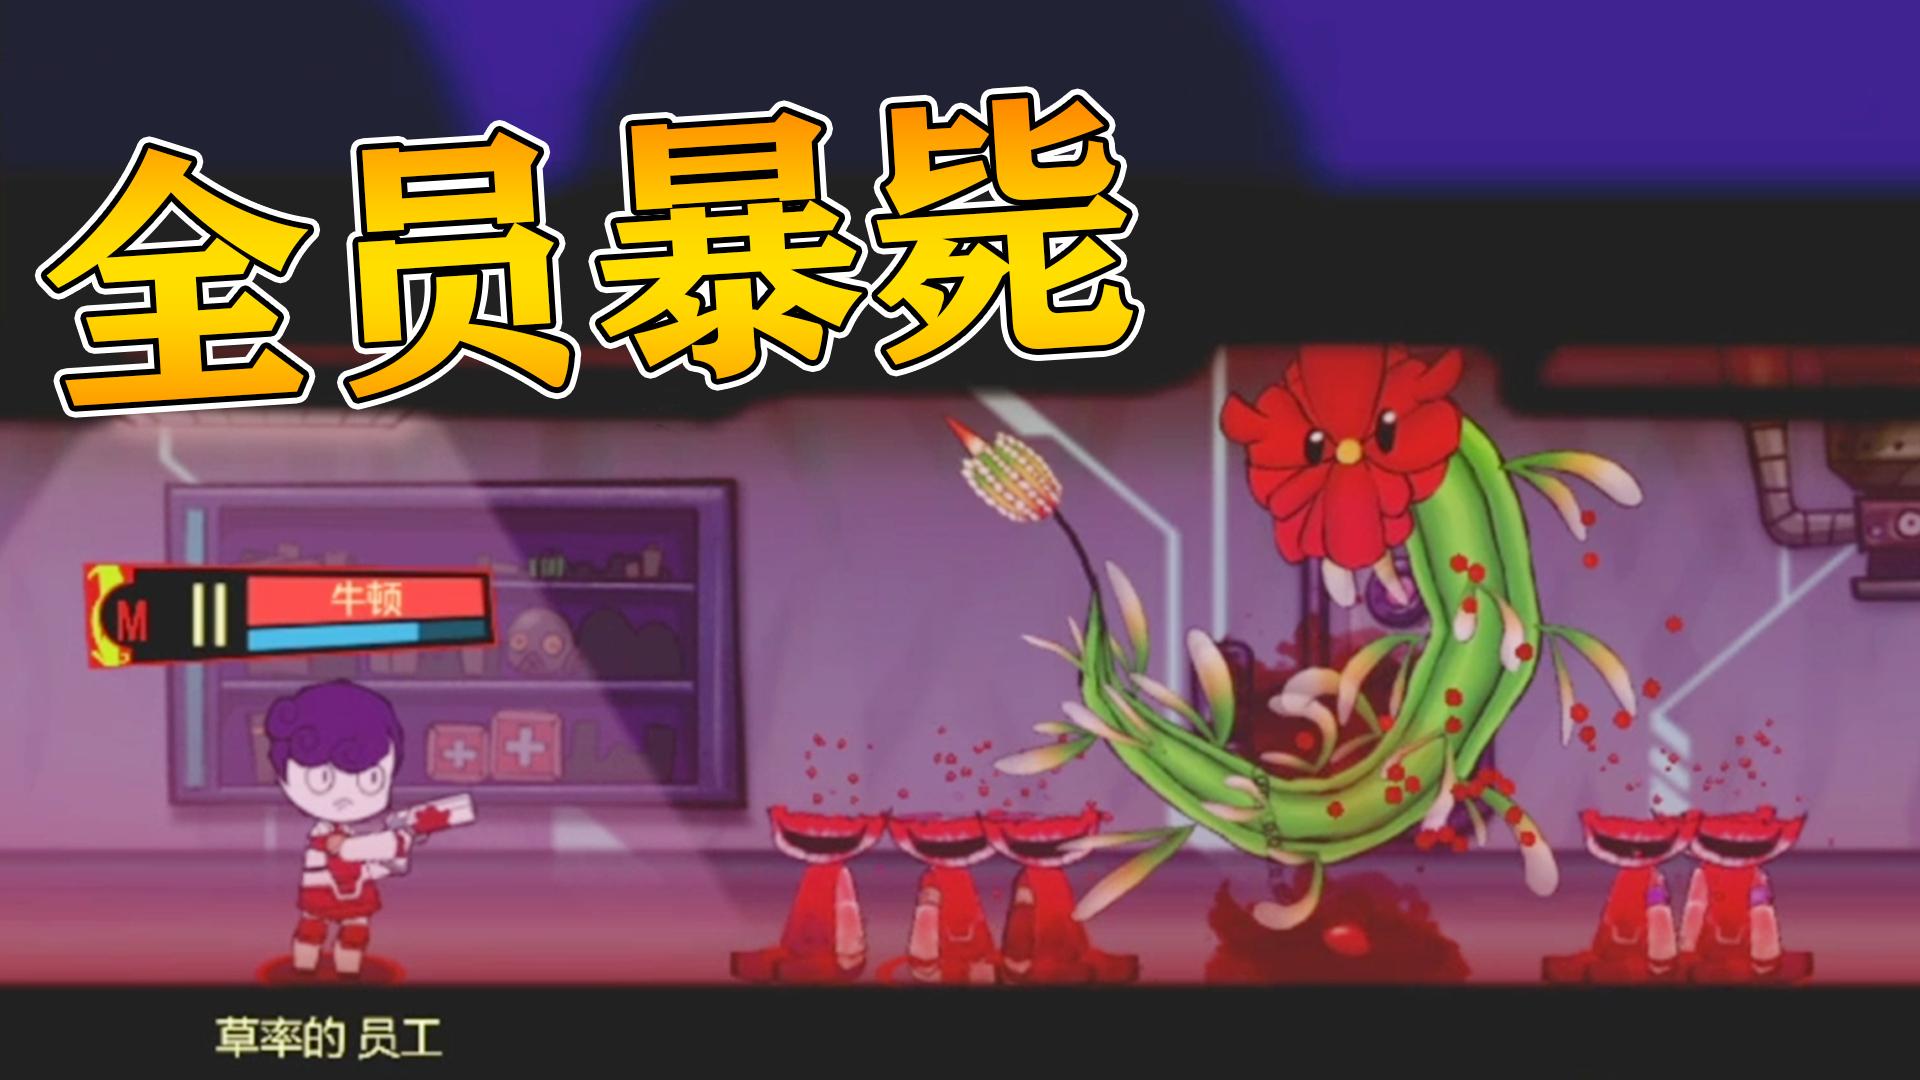 脑叶公司02:奇异花朵突破收容,员工纷纷脑袋爆裂身亡!